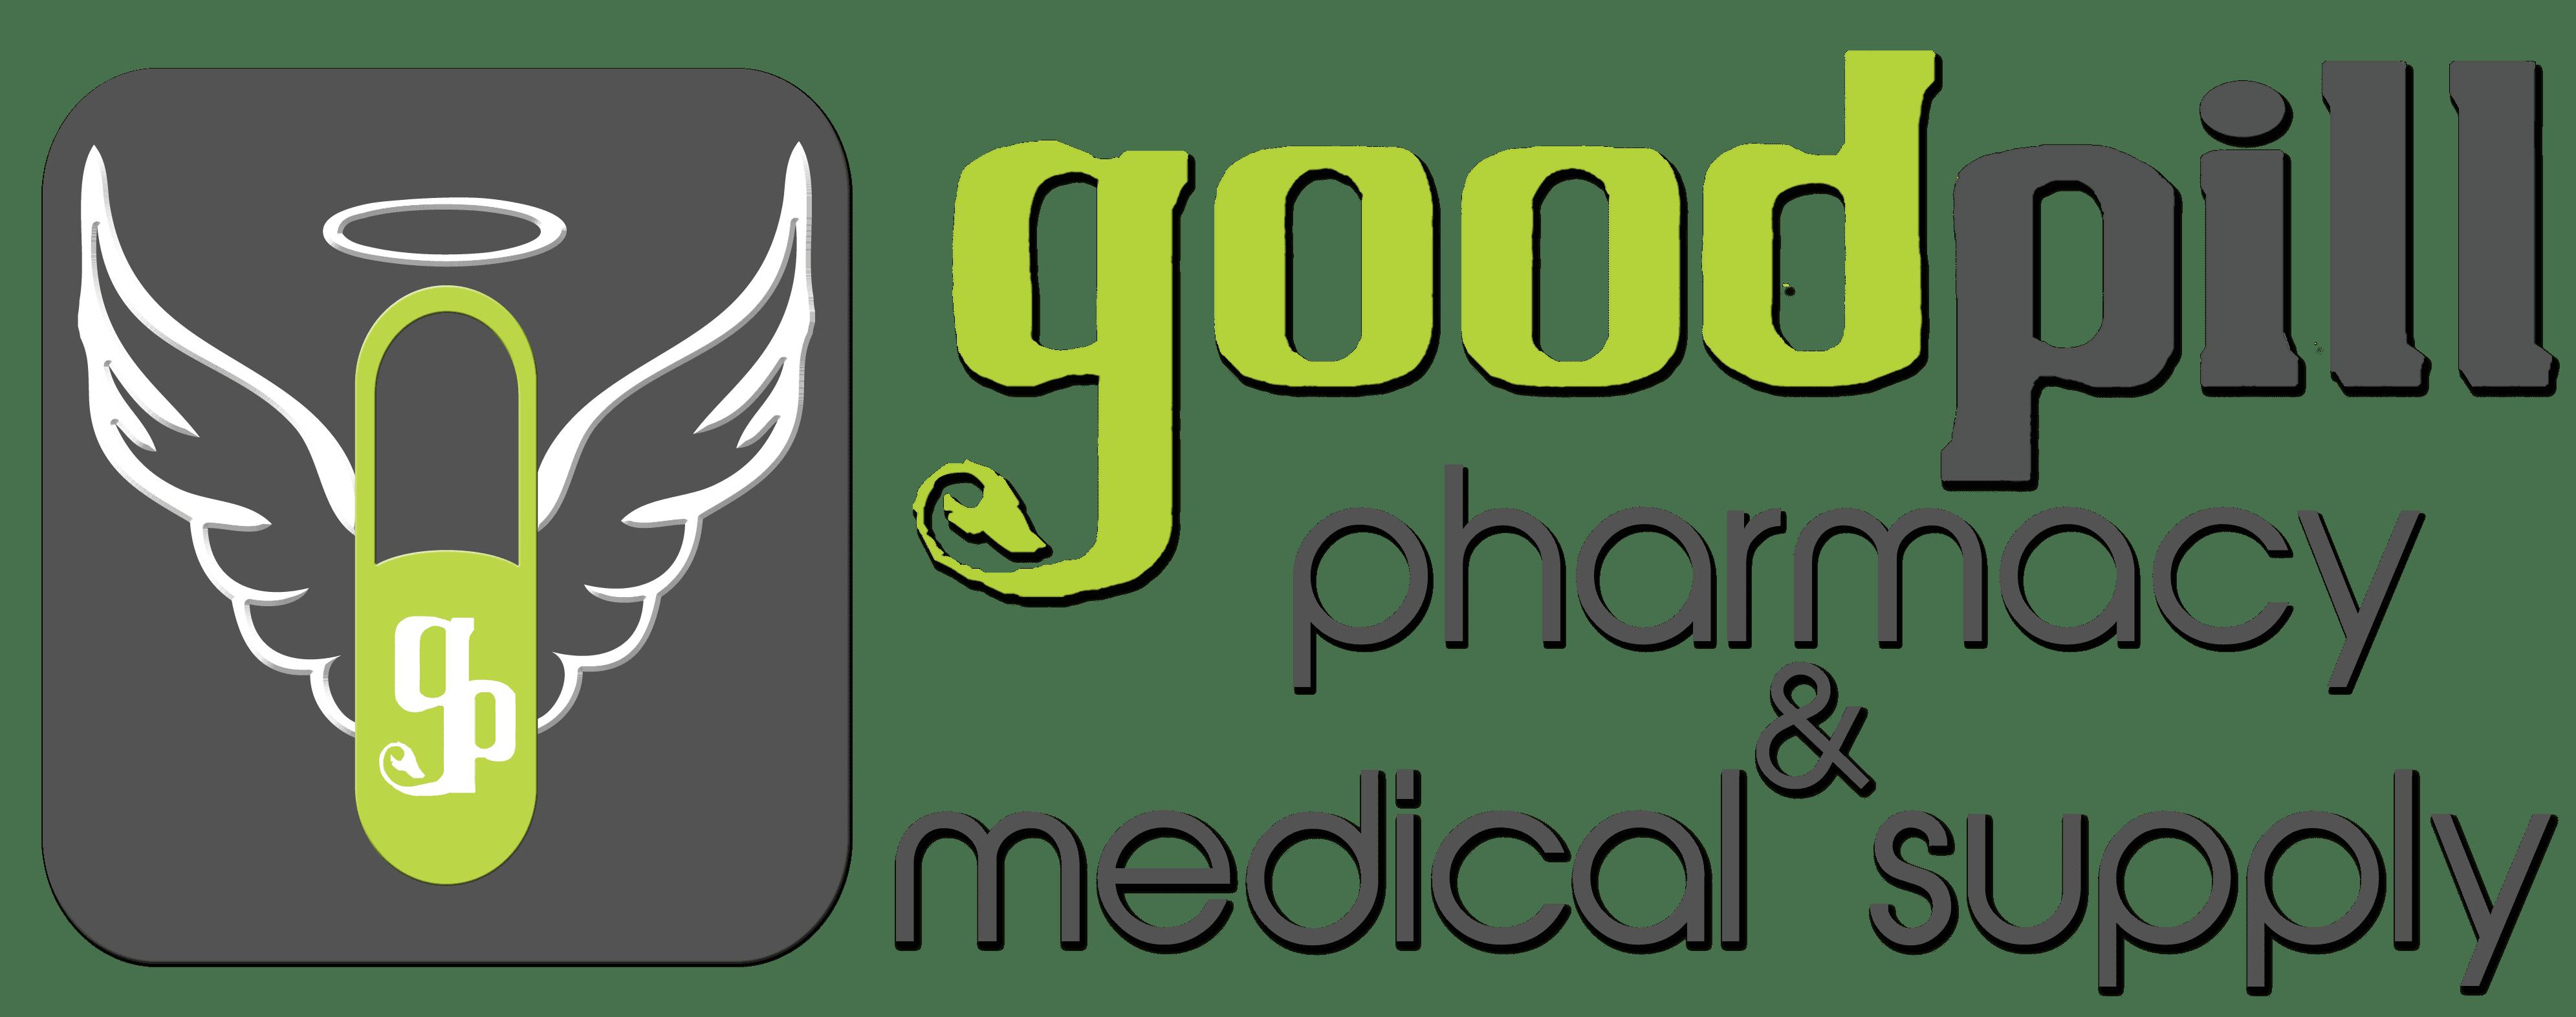 GoodPill Pharmacy & Medical Supply